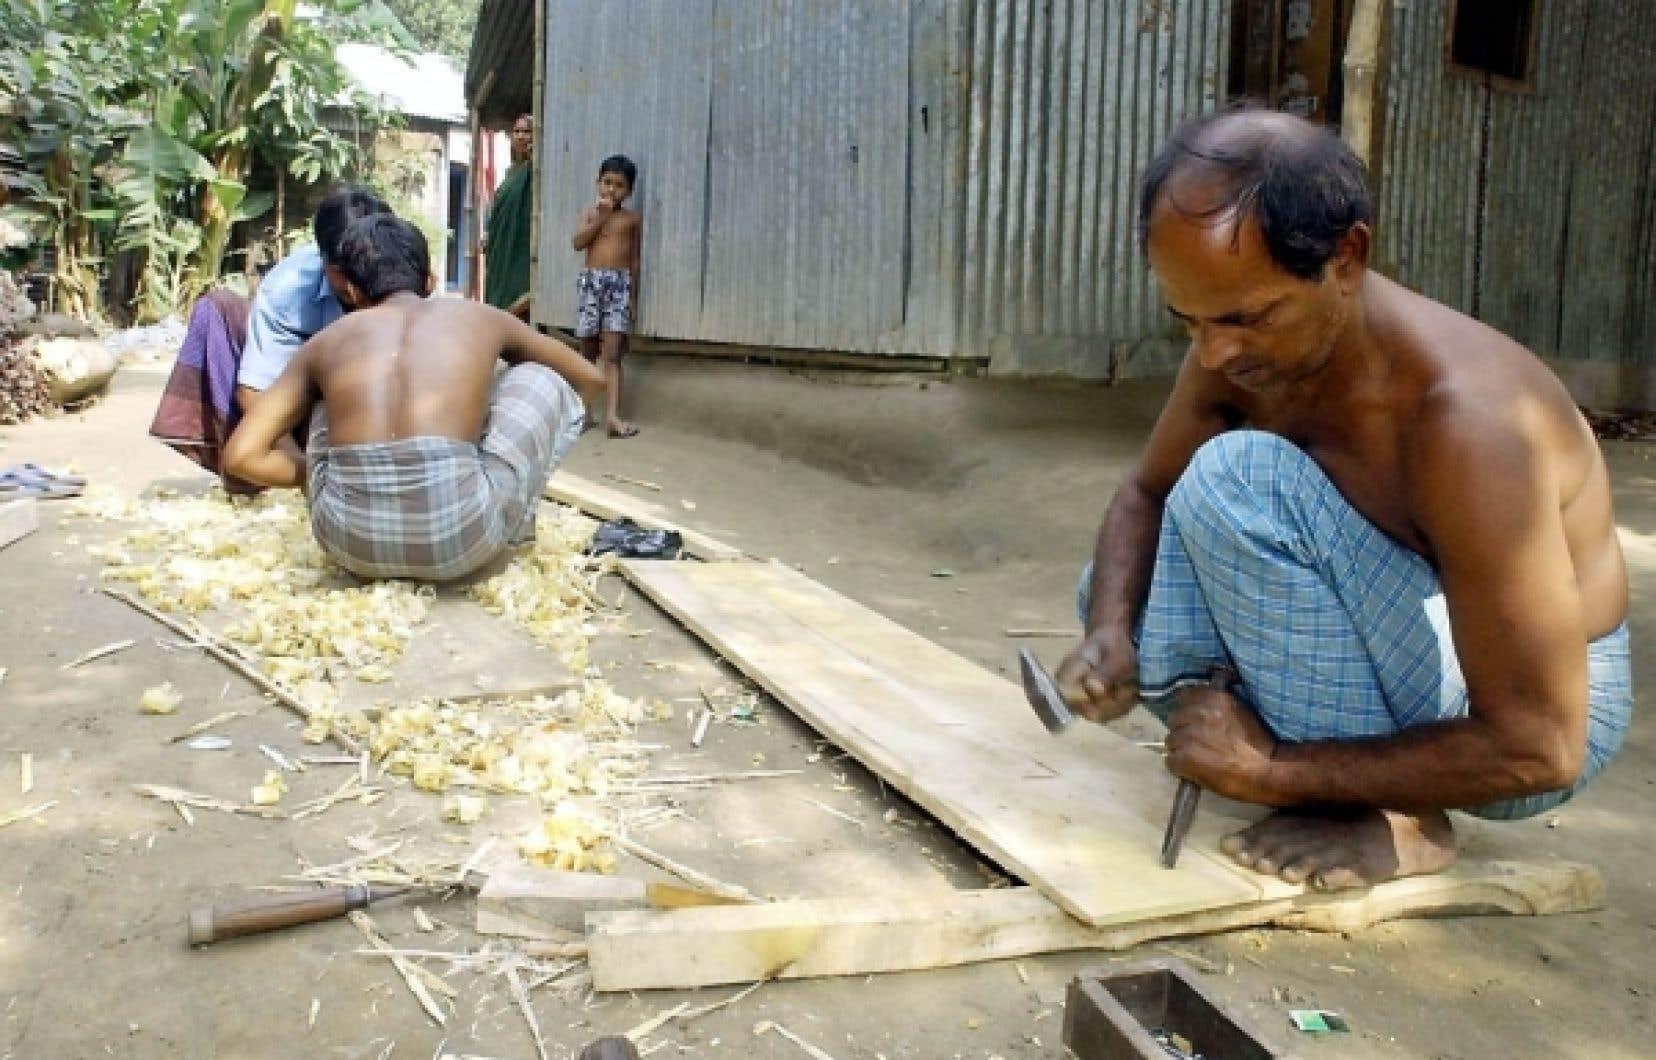 Plusieurs personnes, à l'instar de ce charpentier, ont obtenu des prêts pour lancer leur entreprise. Mais des sociétés de microcrédit exigeraient des taux d'intérêt élevés, ce qui a amené le gouvernement indien à prendre des mesures qui compromettent l'avenir du microcrédit.<br />